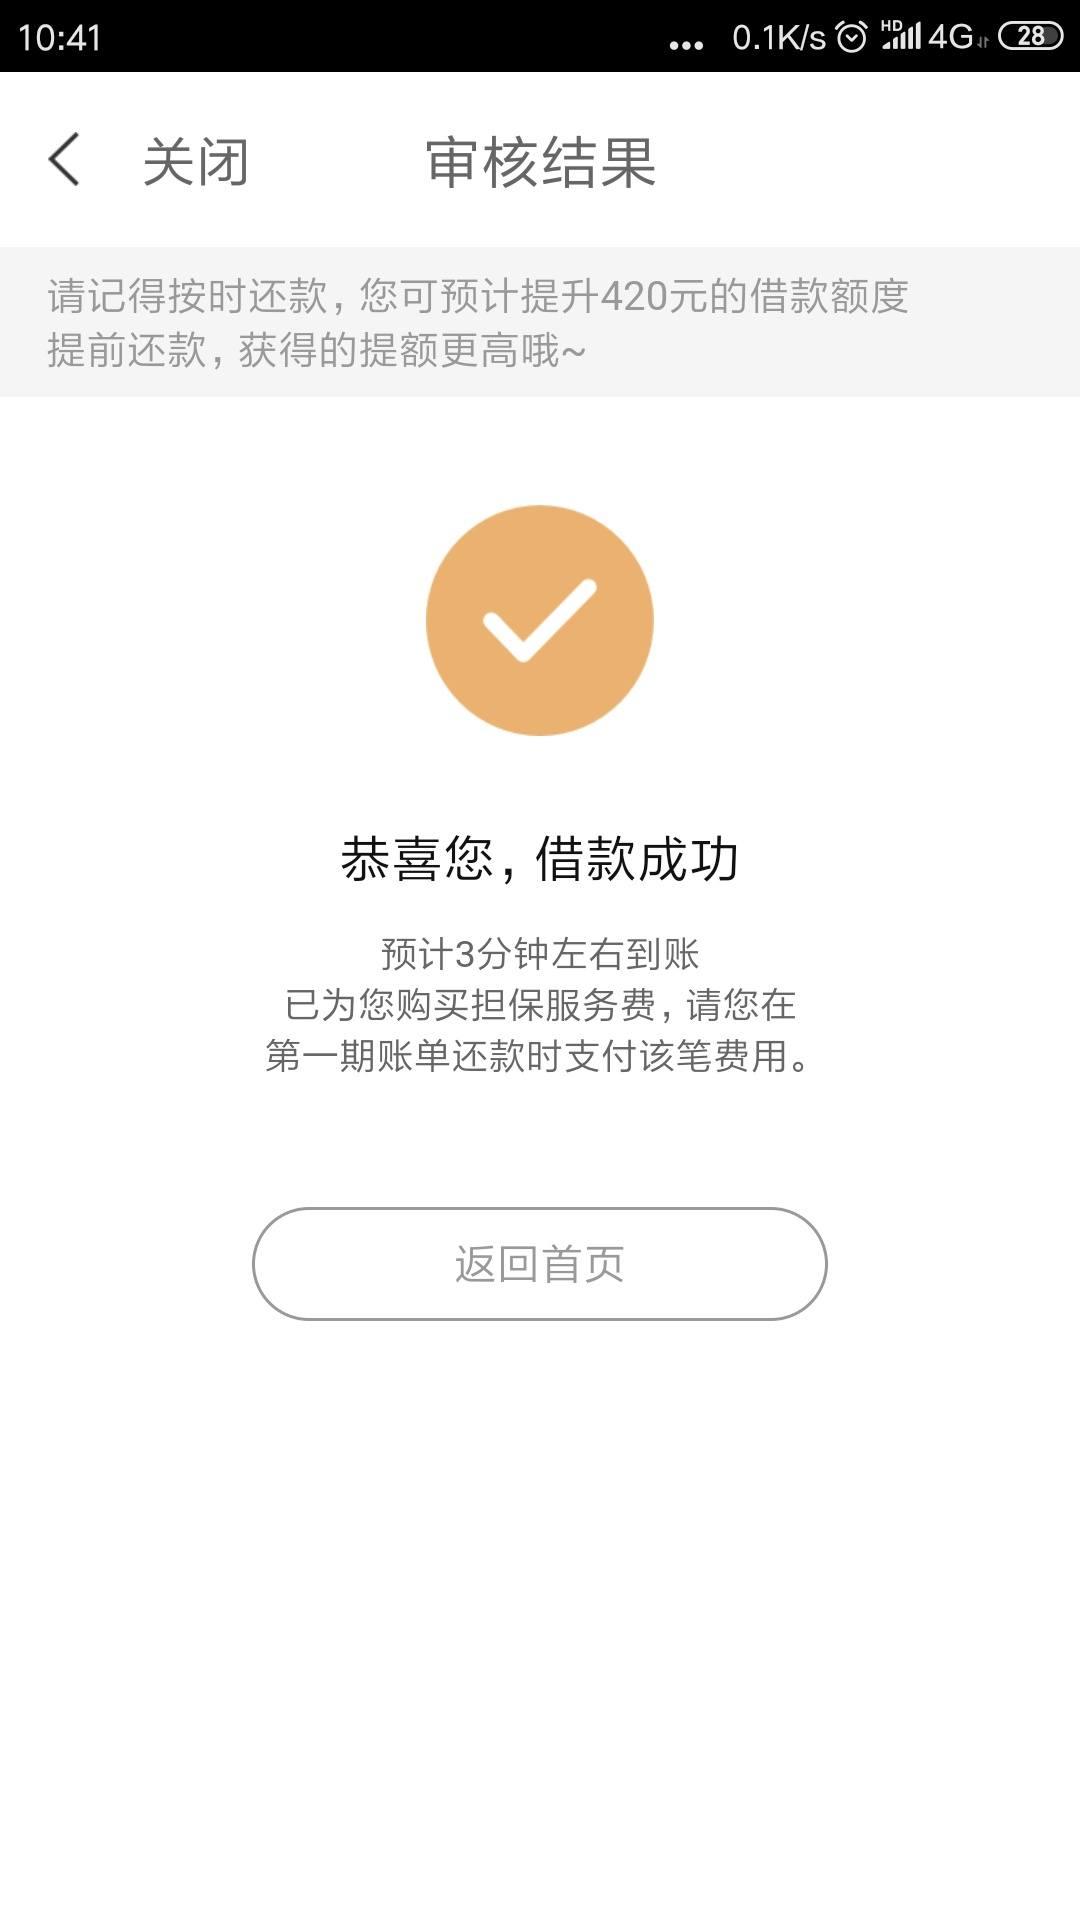 #My钱包#持续下款中,有实名手机号即可申请,有需要的老...54 / 作者:办理会员客服 /